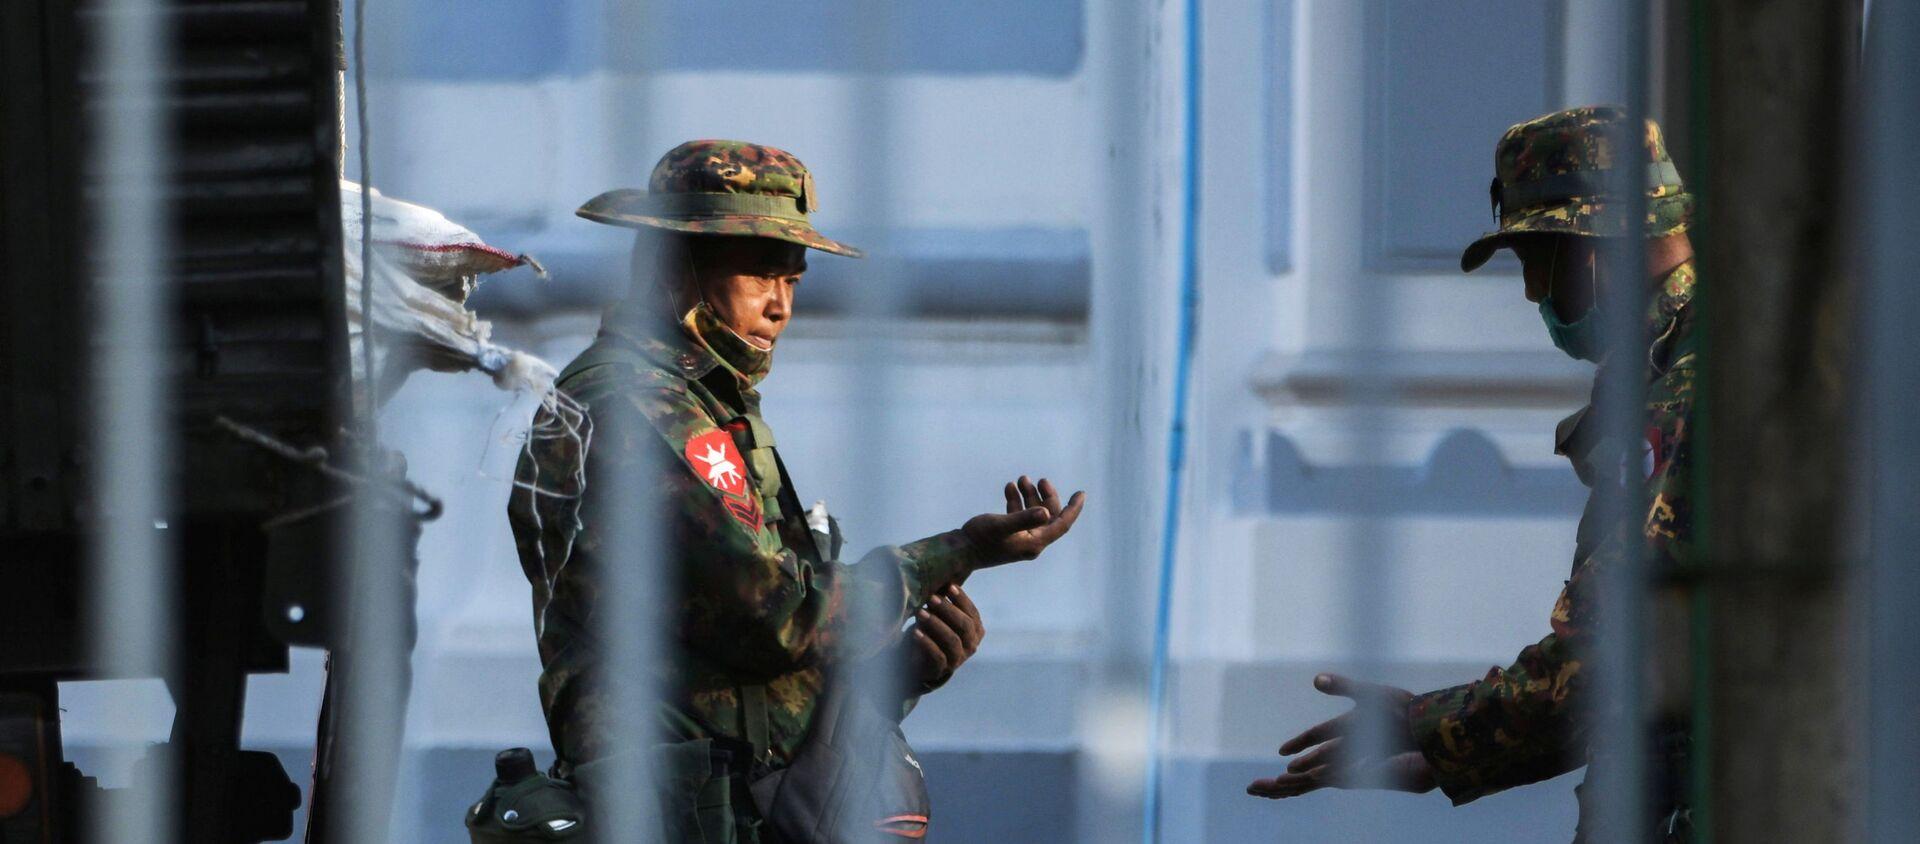 Солдаты в ратуше Янгона, Мьянма - Sputnik Беларусь, 1920, 01.02.2021